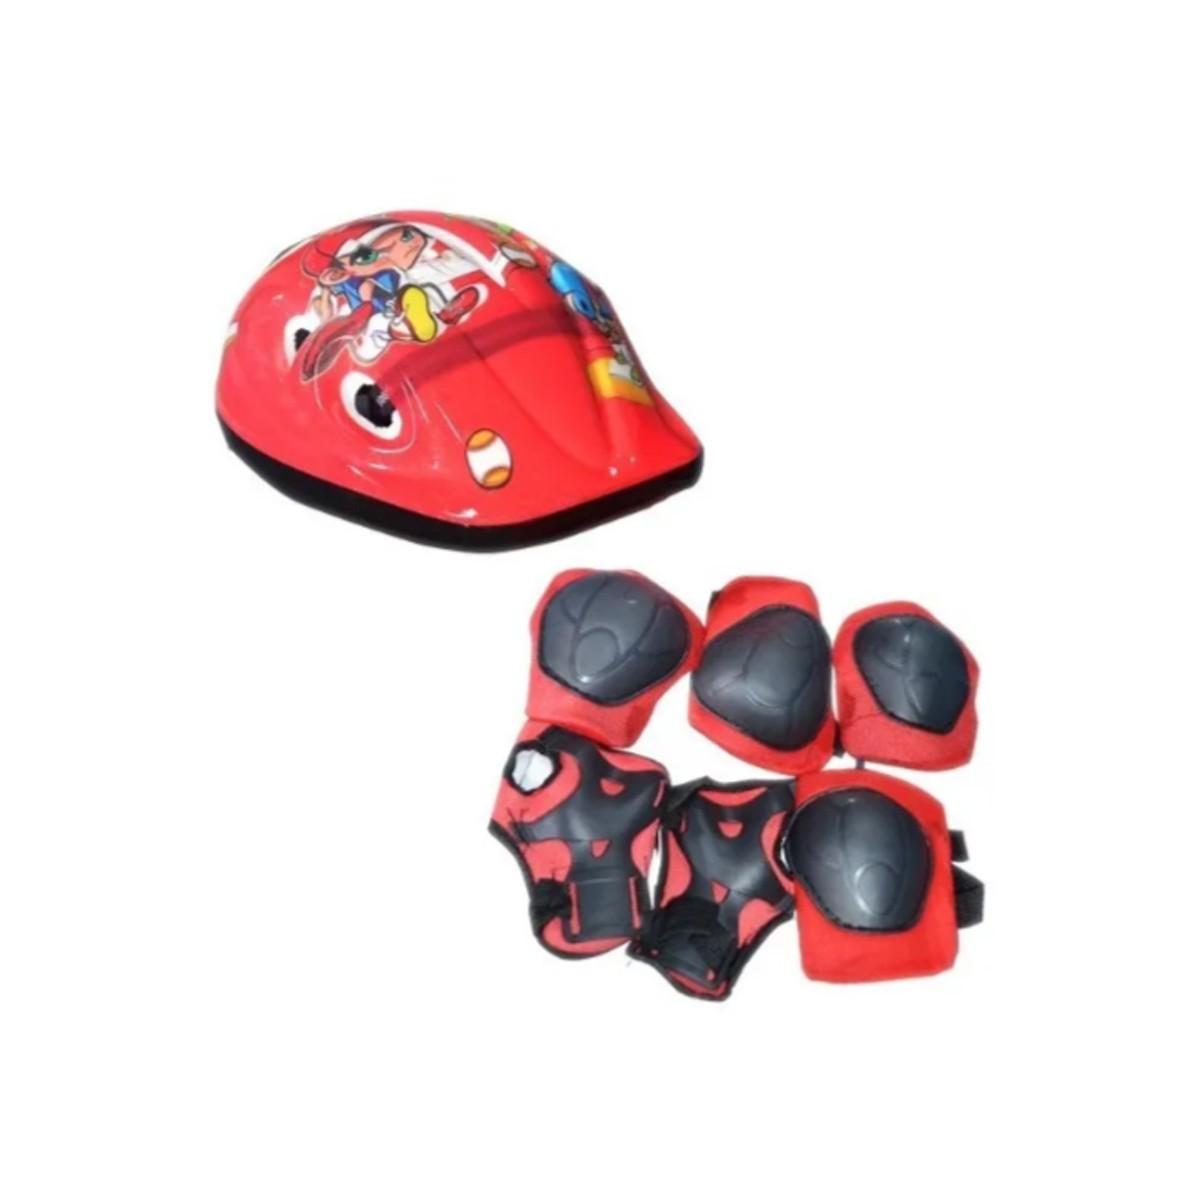 Kit Capacete Cotoveleira Joelheira Infantil Bike Skate Vermelho